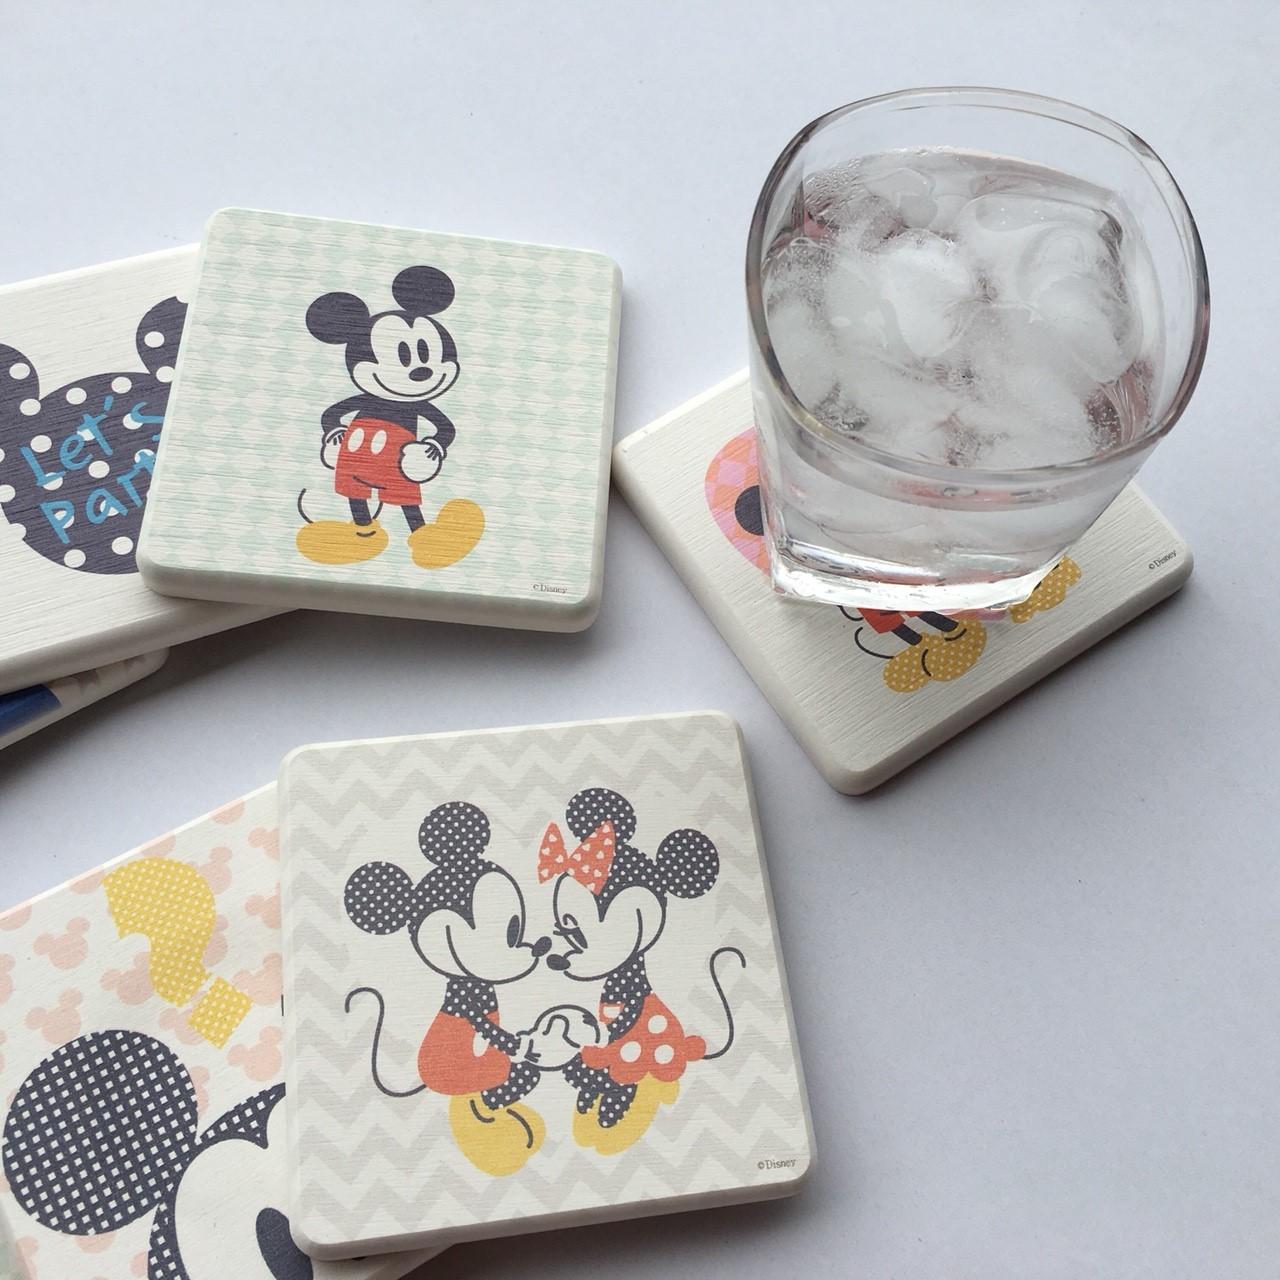 【迪士尼Disney授權】普普風吸水珪藻土杯墊 11款設計(一組2入)